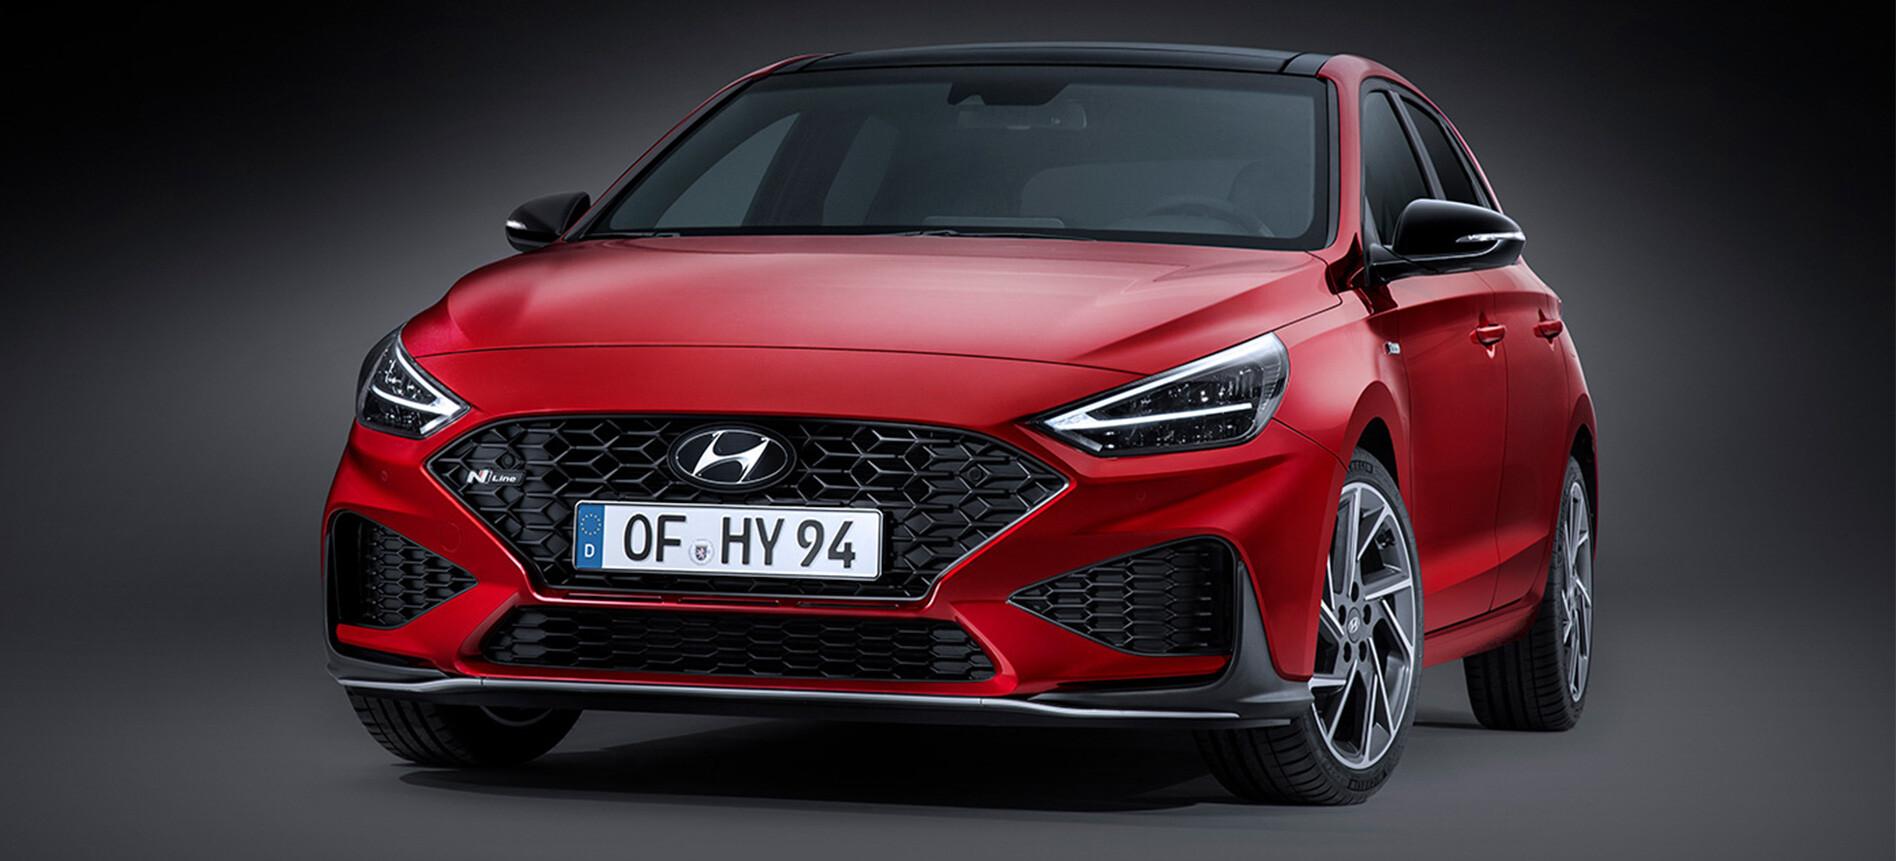 2021 Hyundai i30 facelift revealed